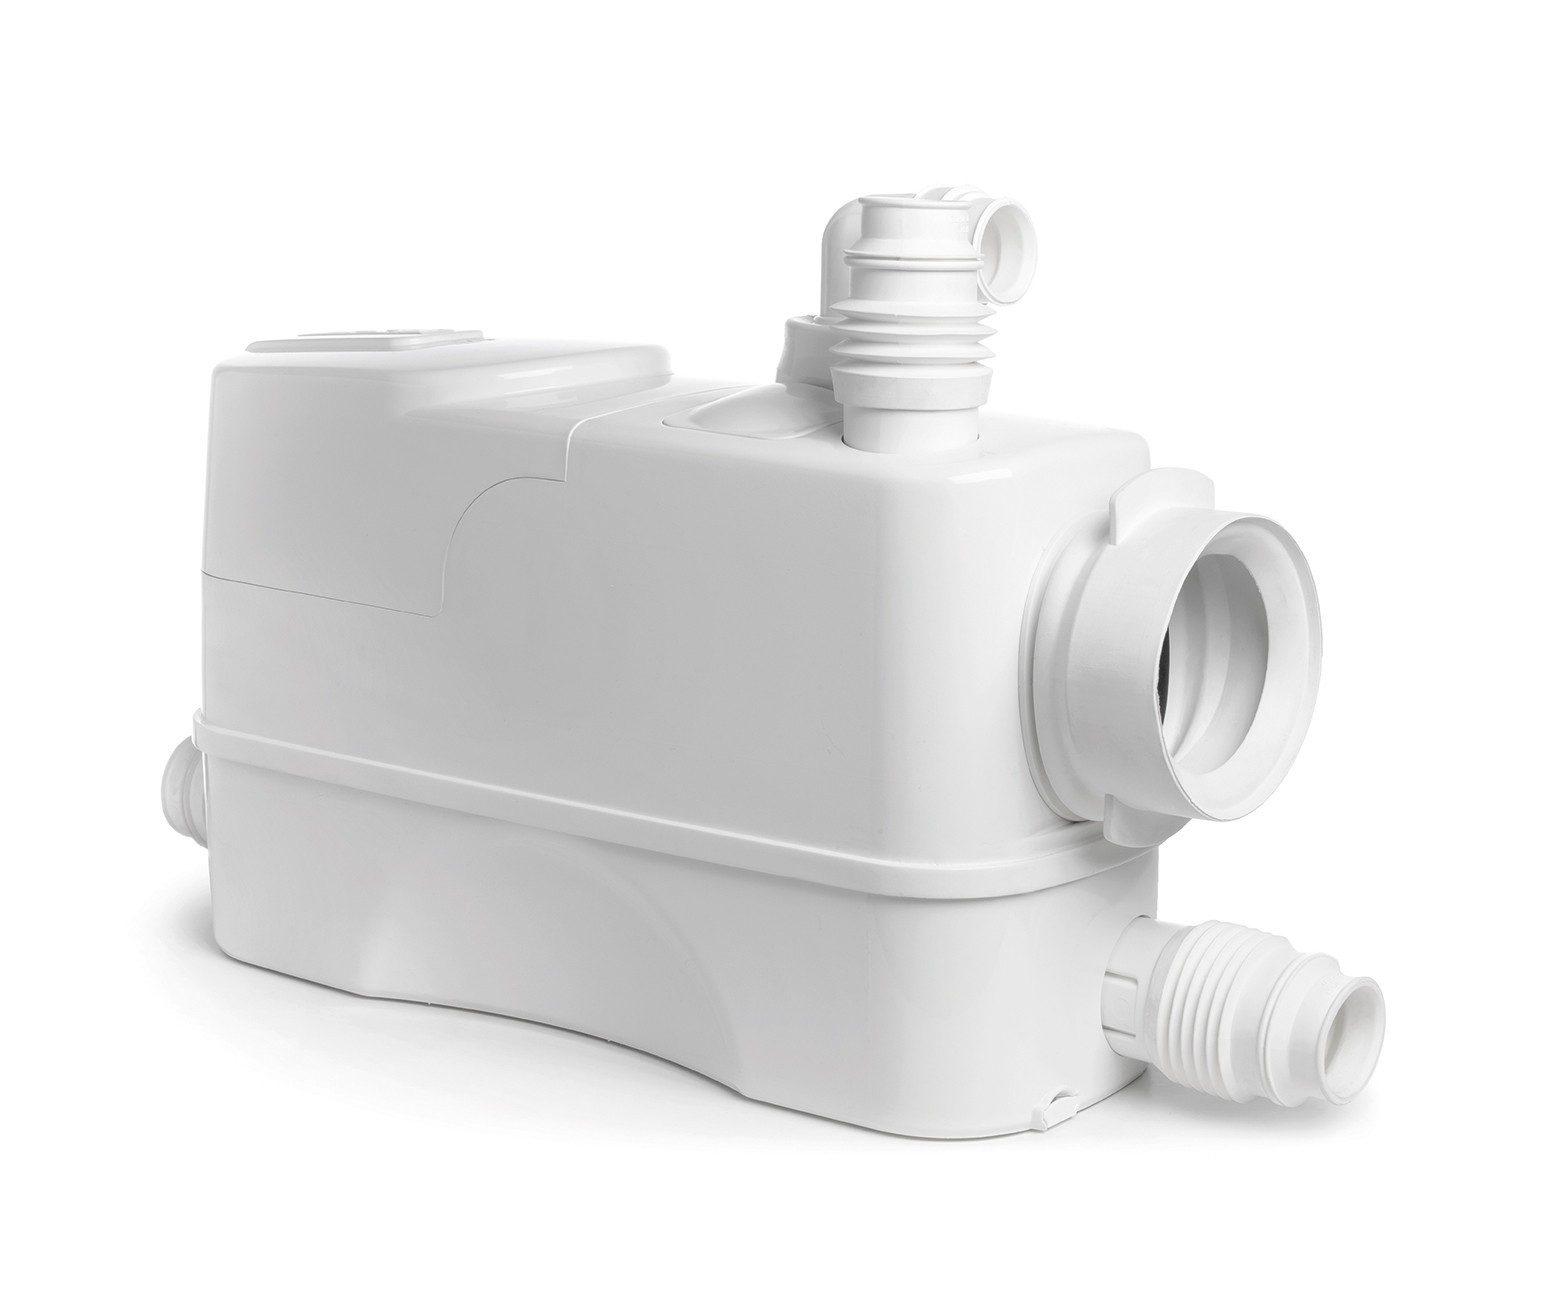 WC pumpla GENIX WL 130 DAB